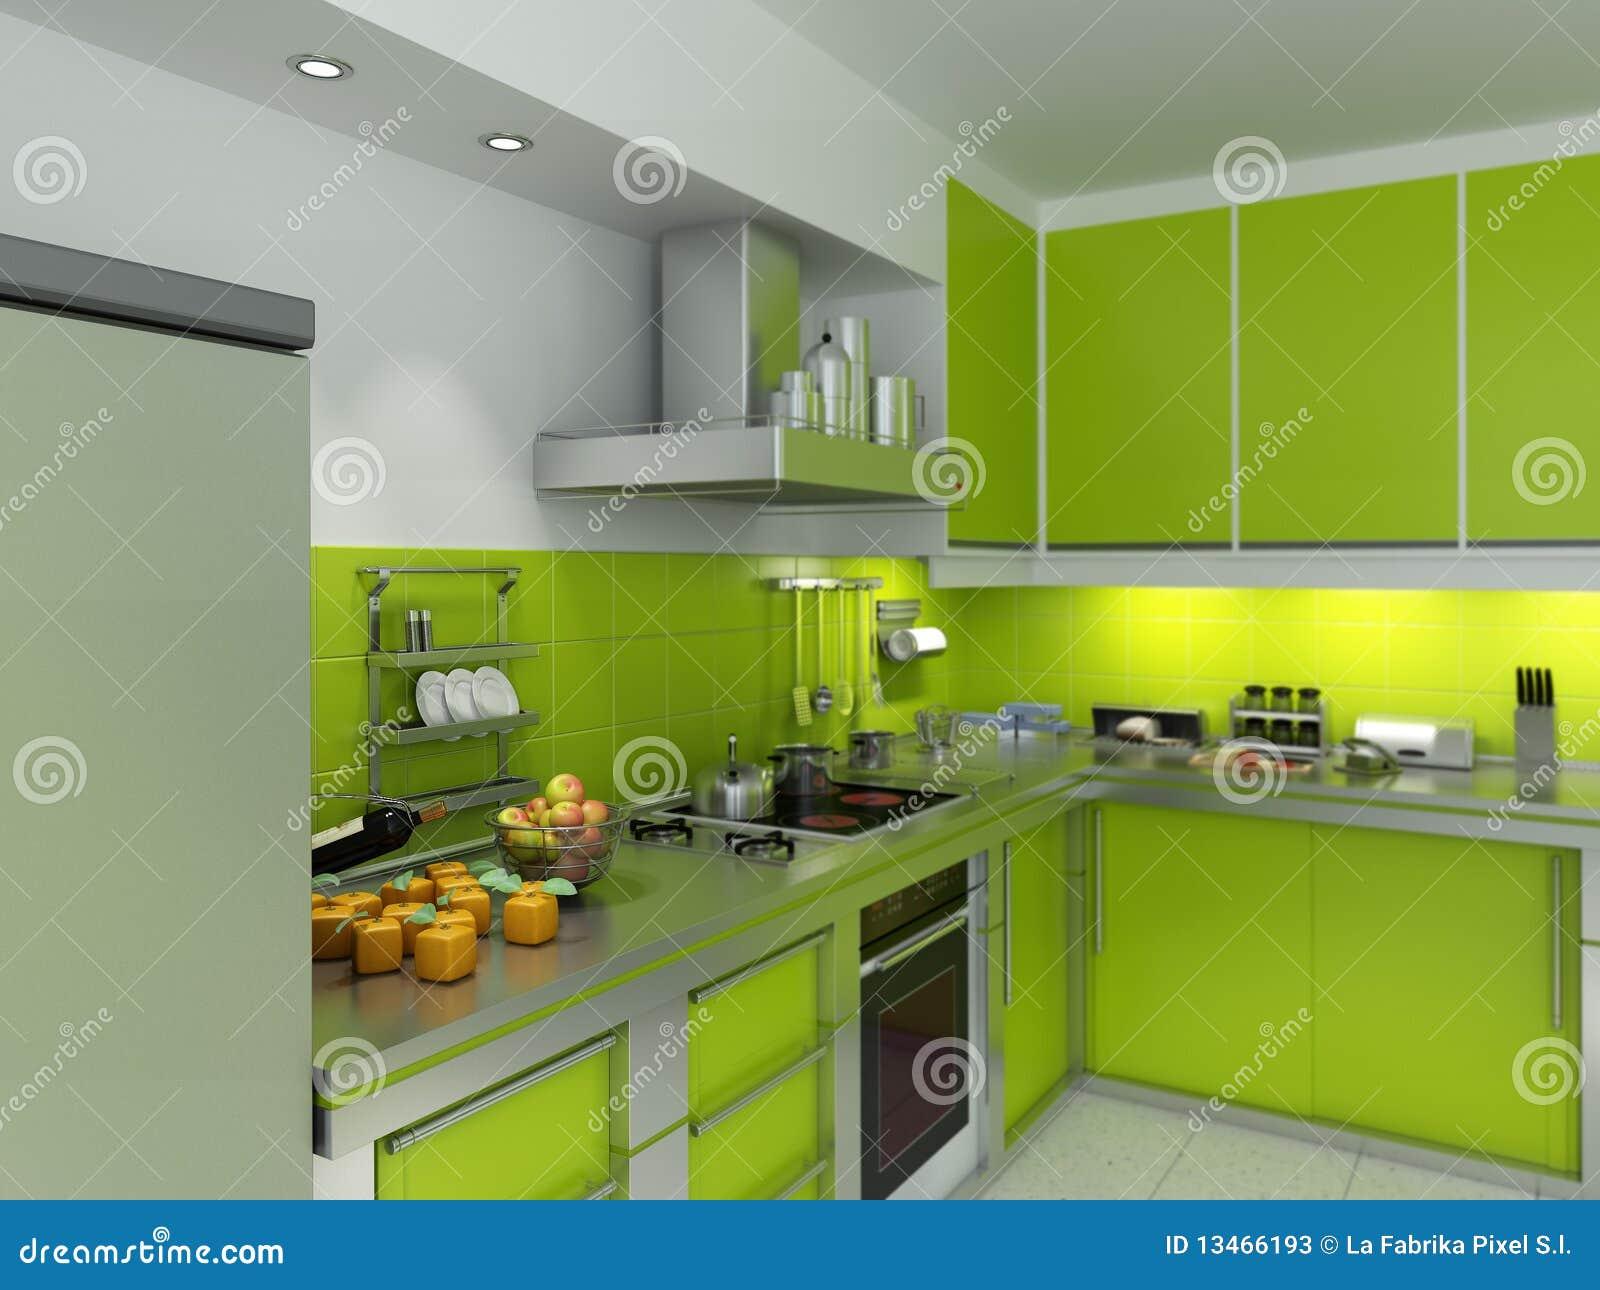 grüne küche stockfotos - bild: 13466193